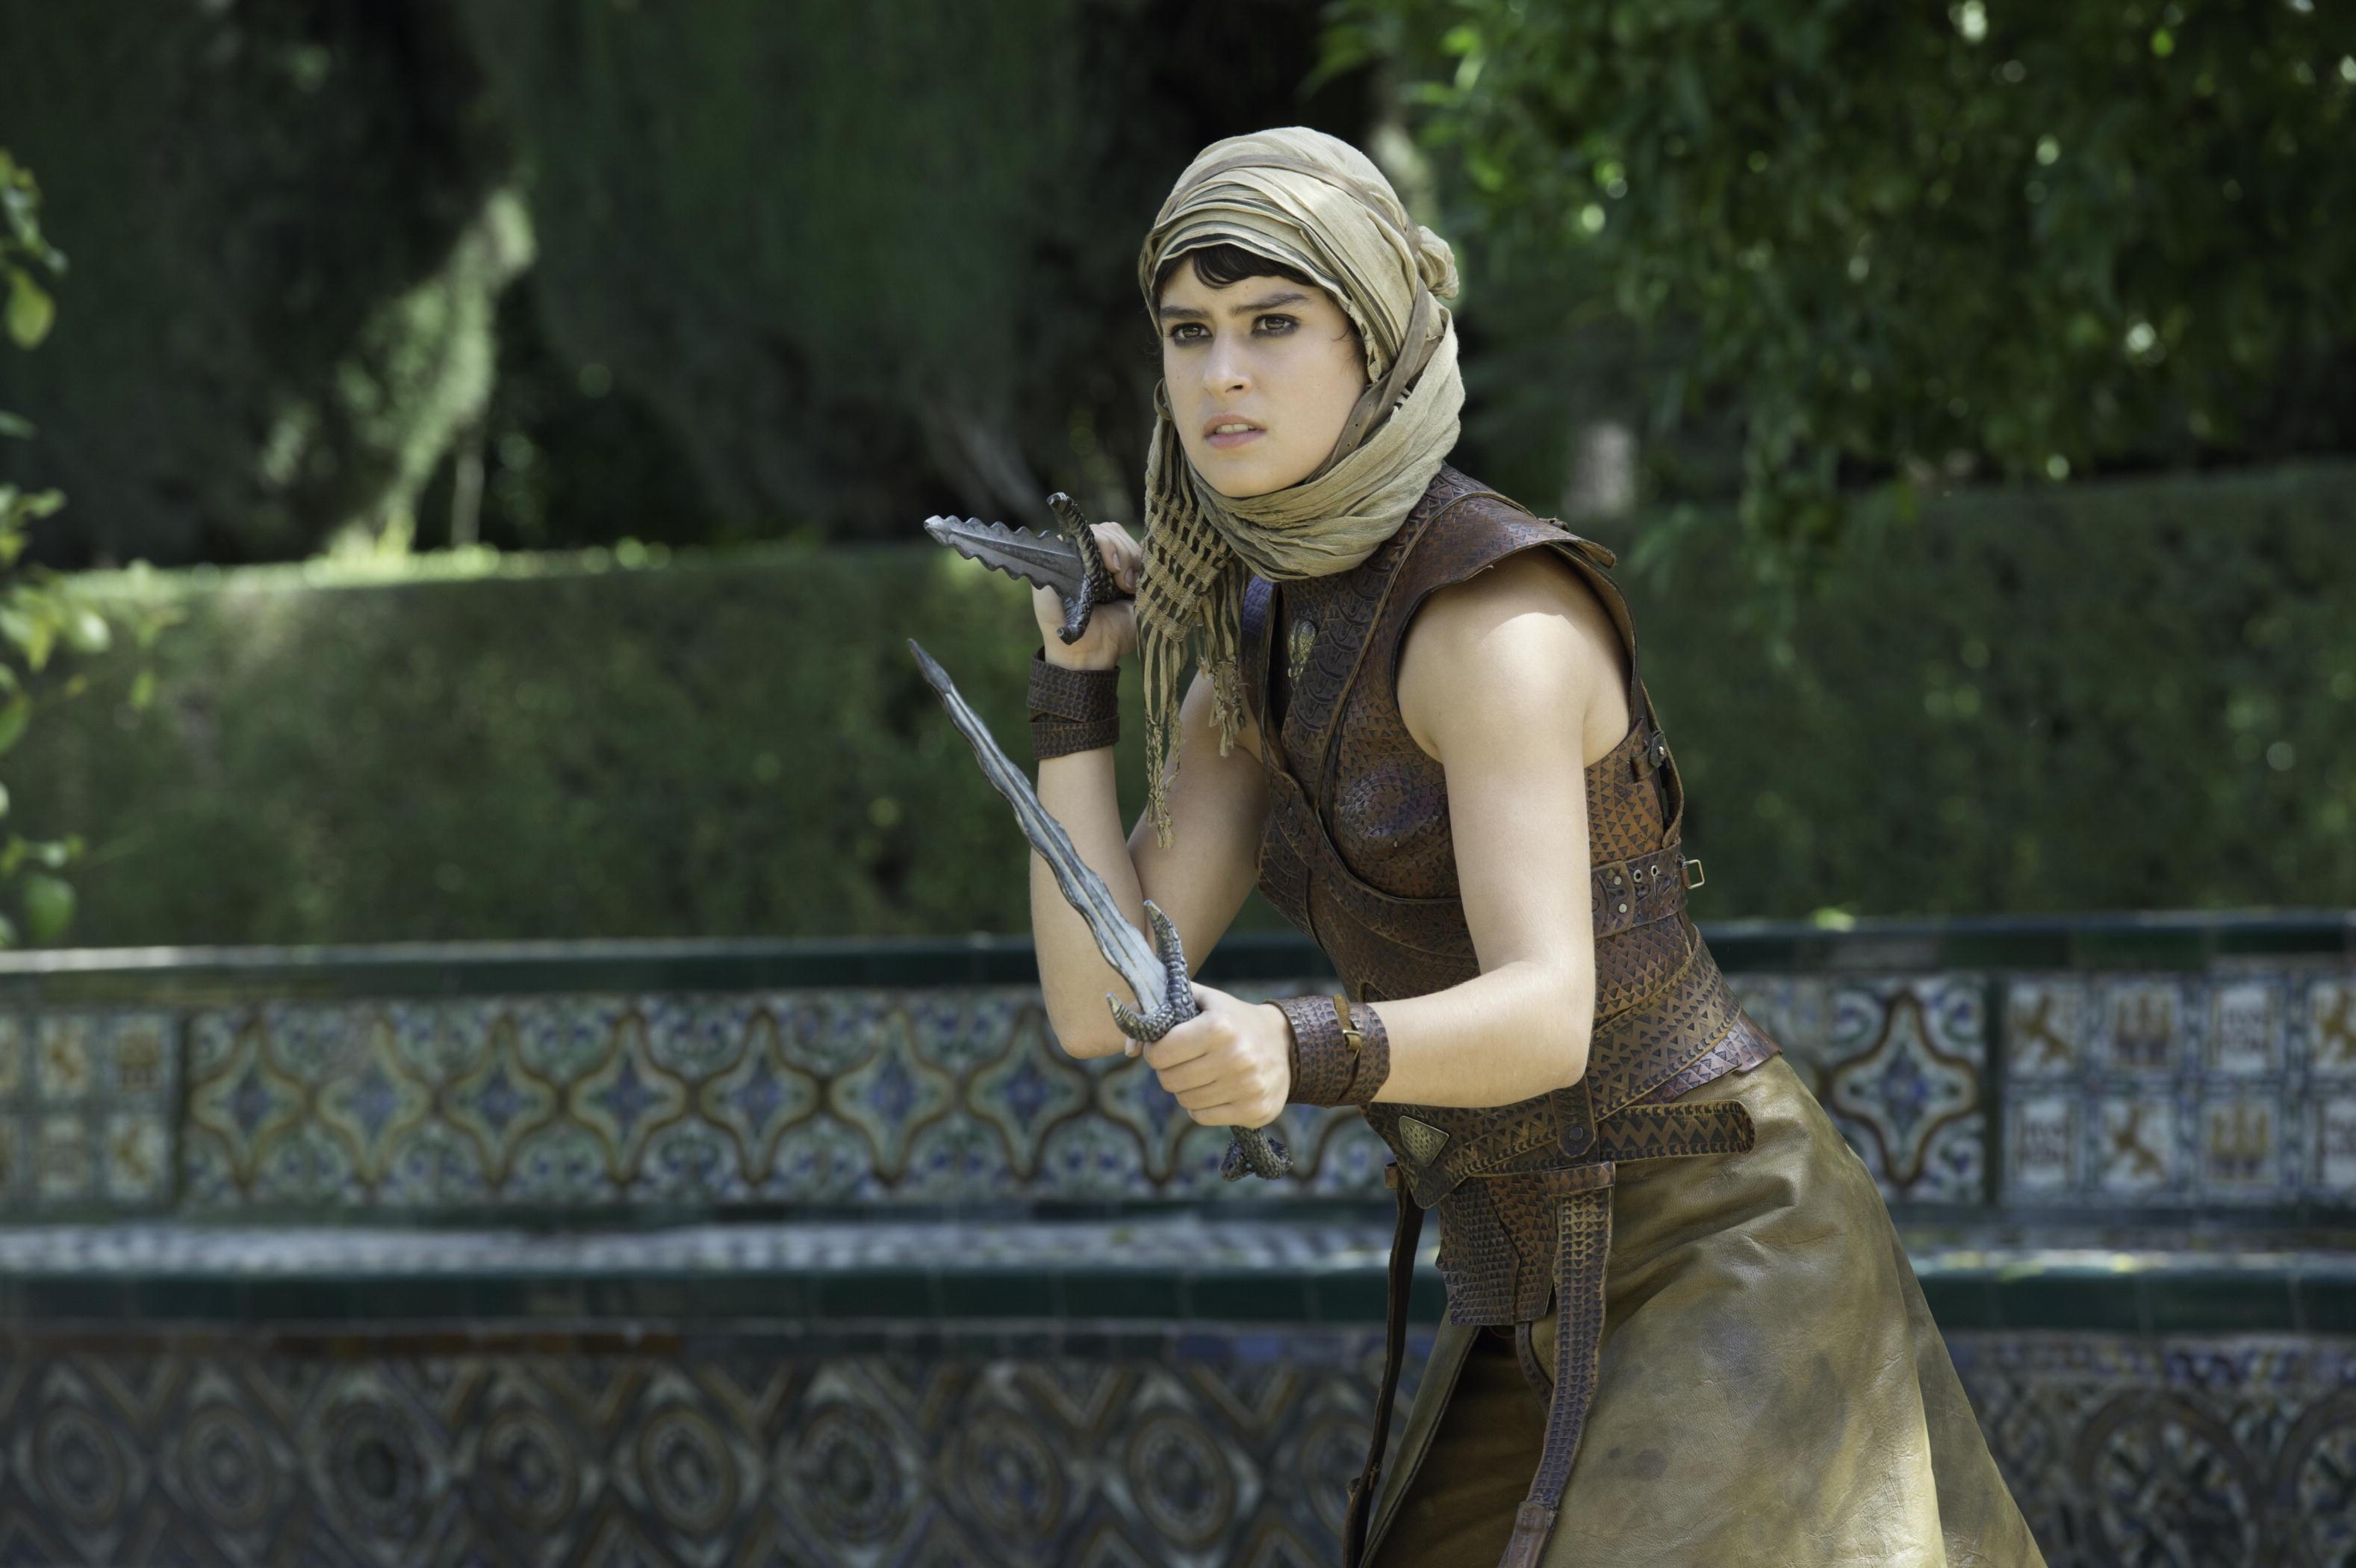 Il trono di spade: l'attrice Rosabell Laurenti Sellers in una scena della première